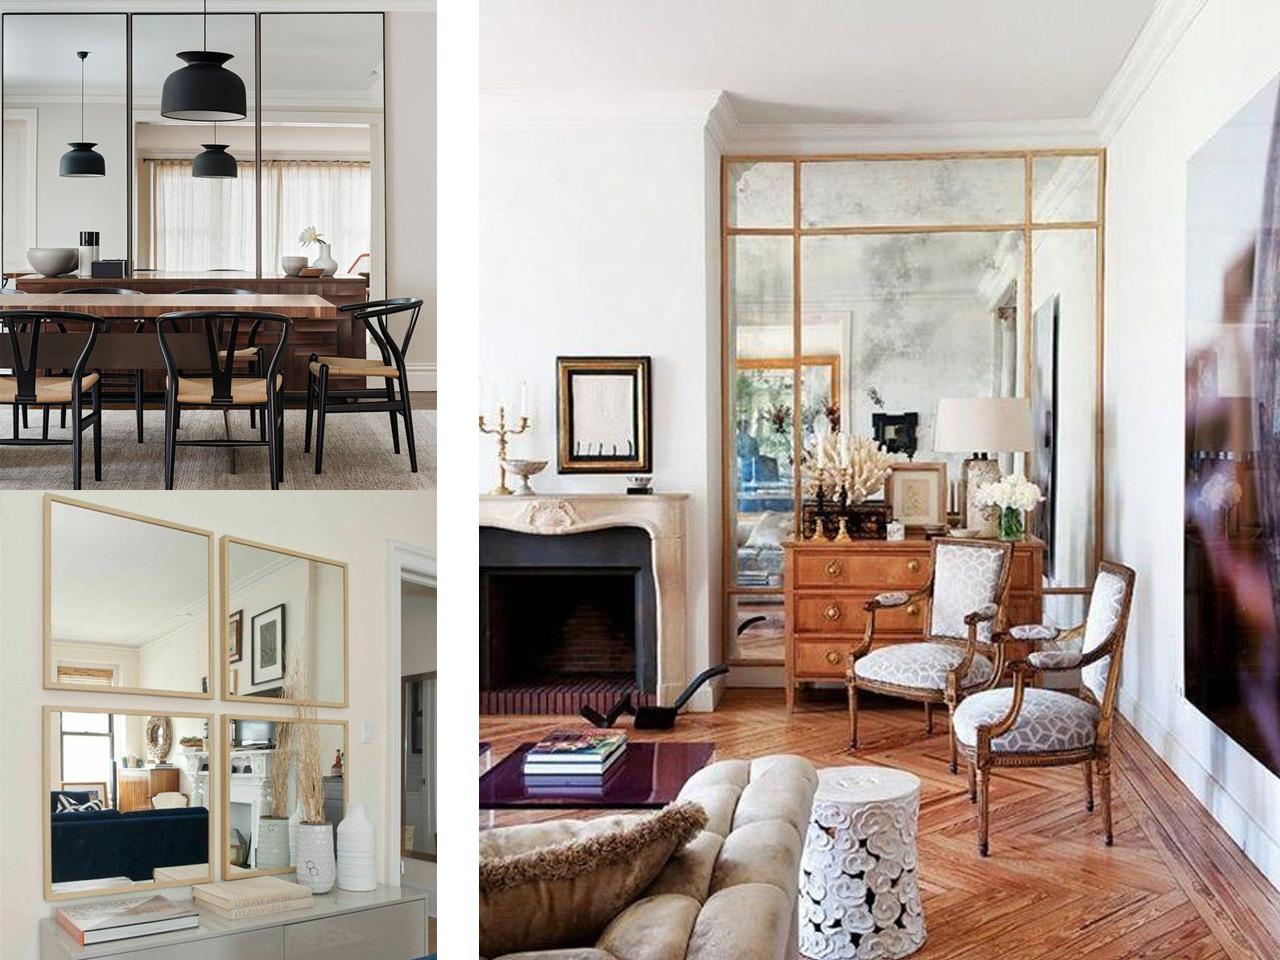 Inspiraci n para espacios abiertos y decoraci n loft - Blog de decoracion de casas ...